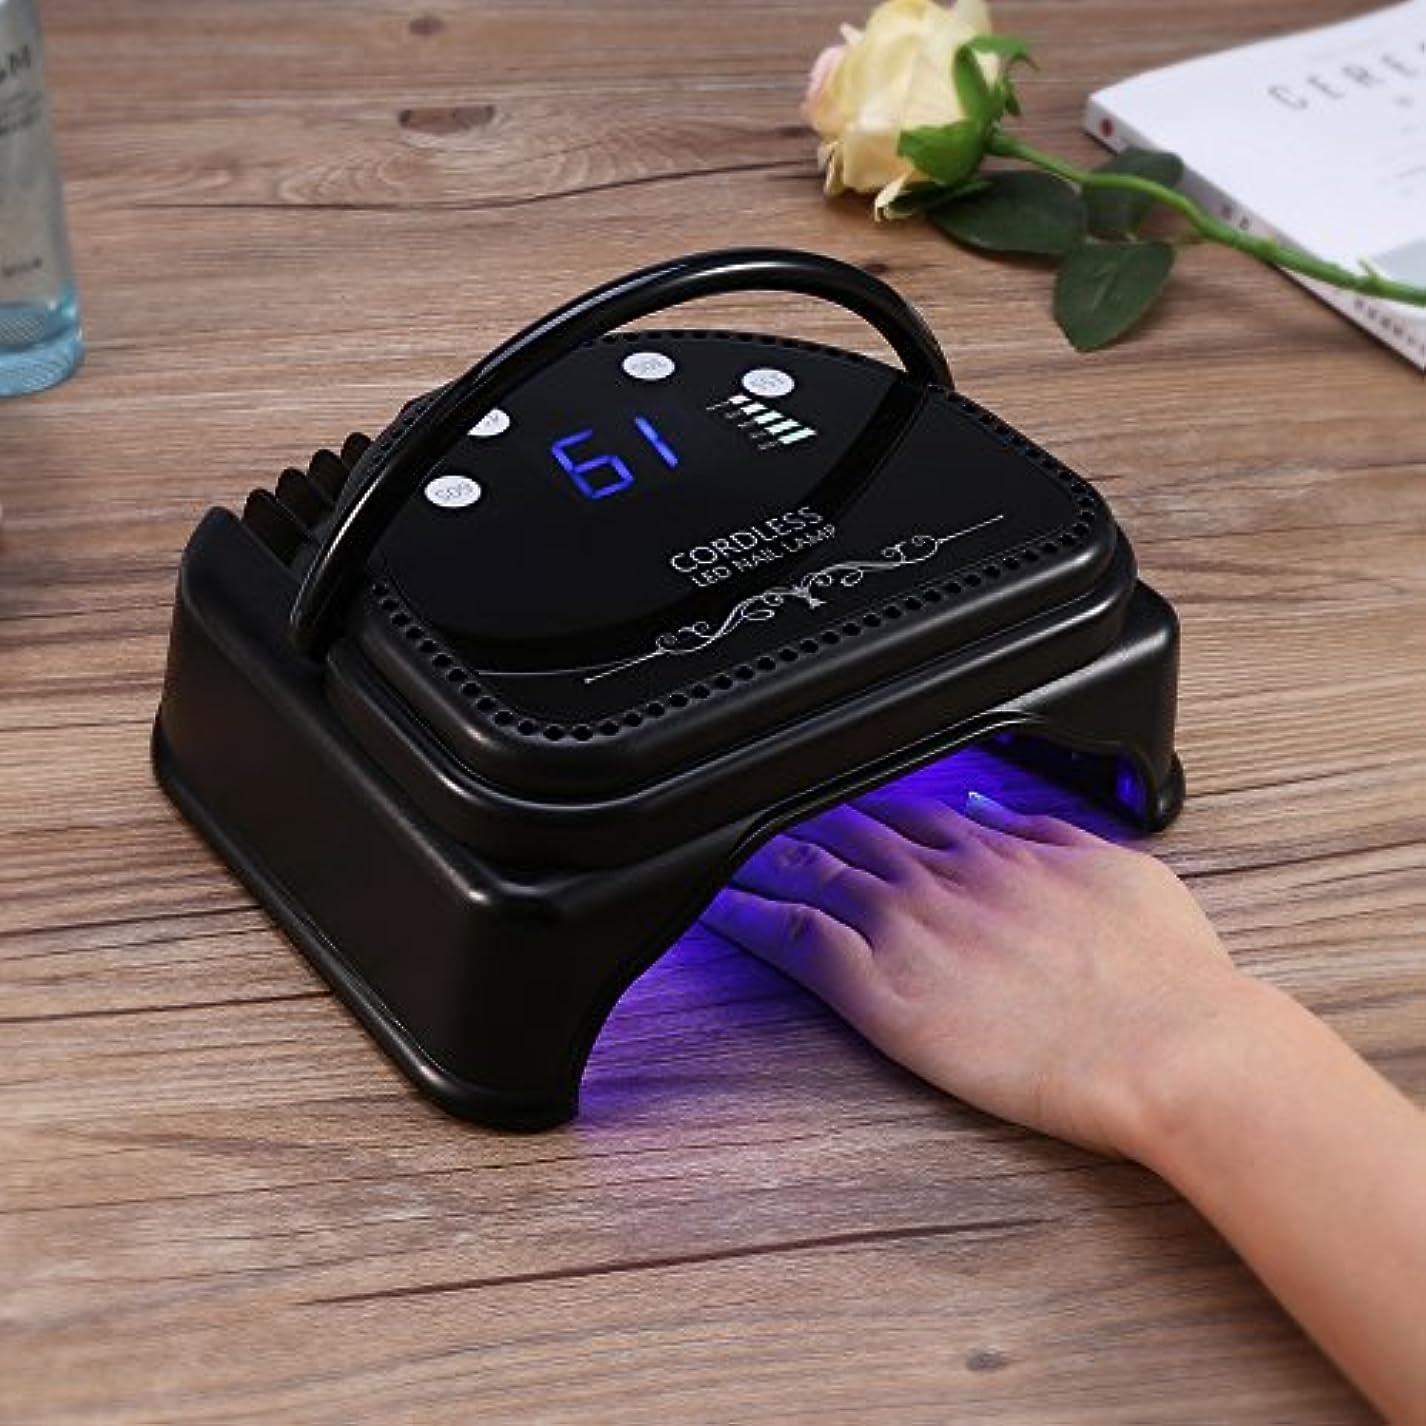 足枷世界の窓保安ネイルランプ、スマートセンサーマニキュアツールを備えた3種類のコードレス充電式LEDネイルドライヤーマシン(私たち)